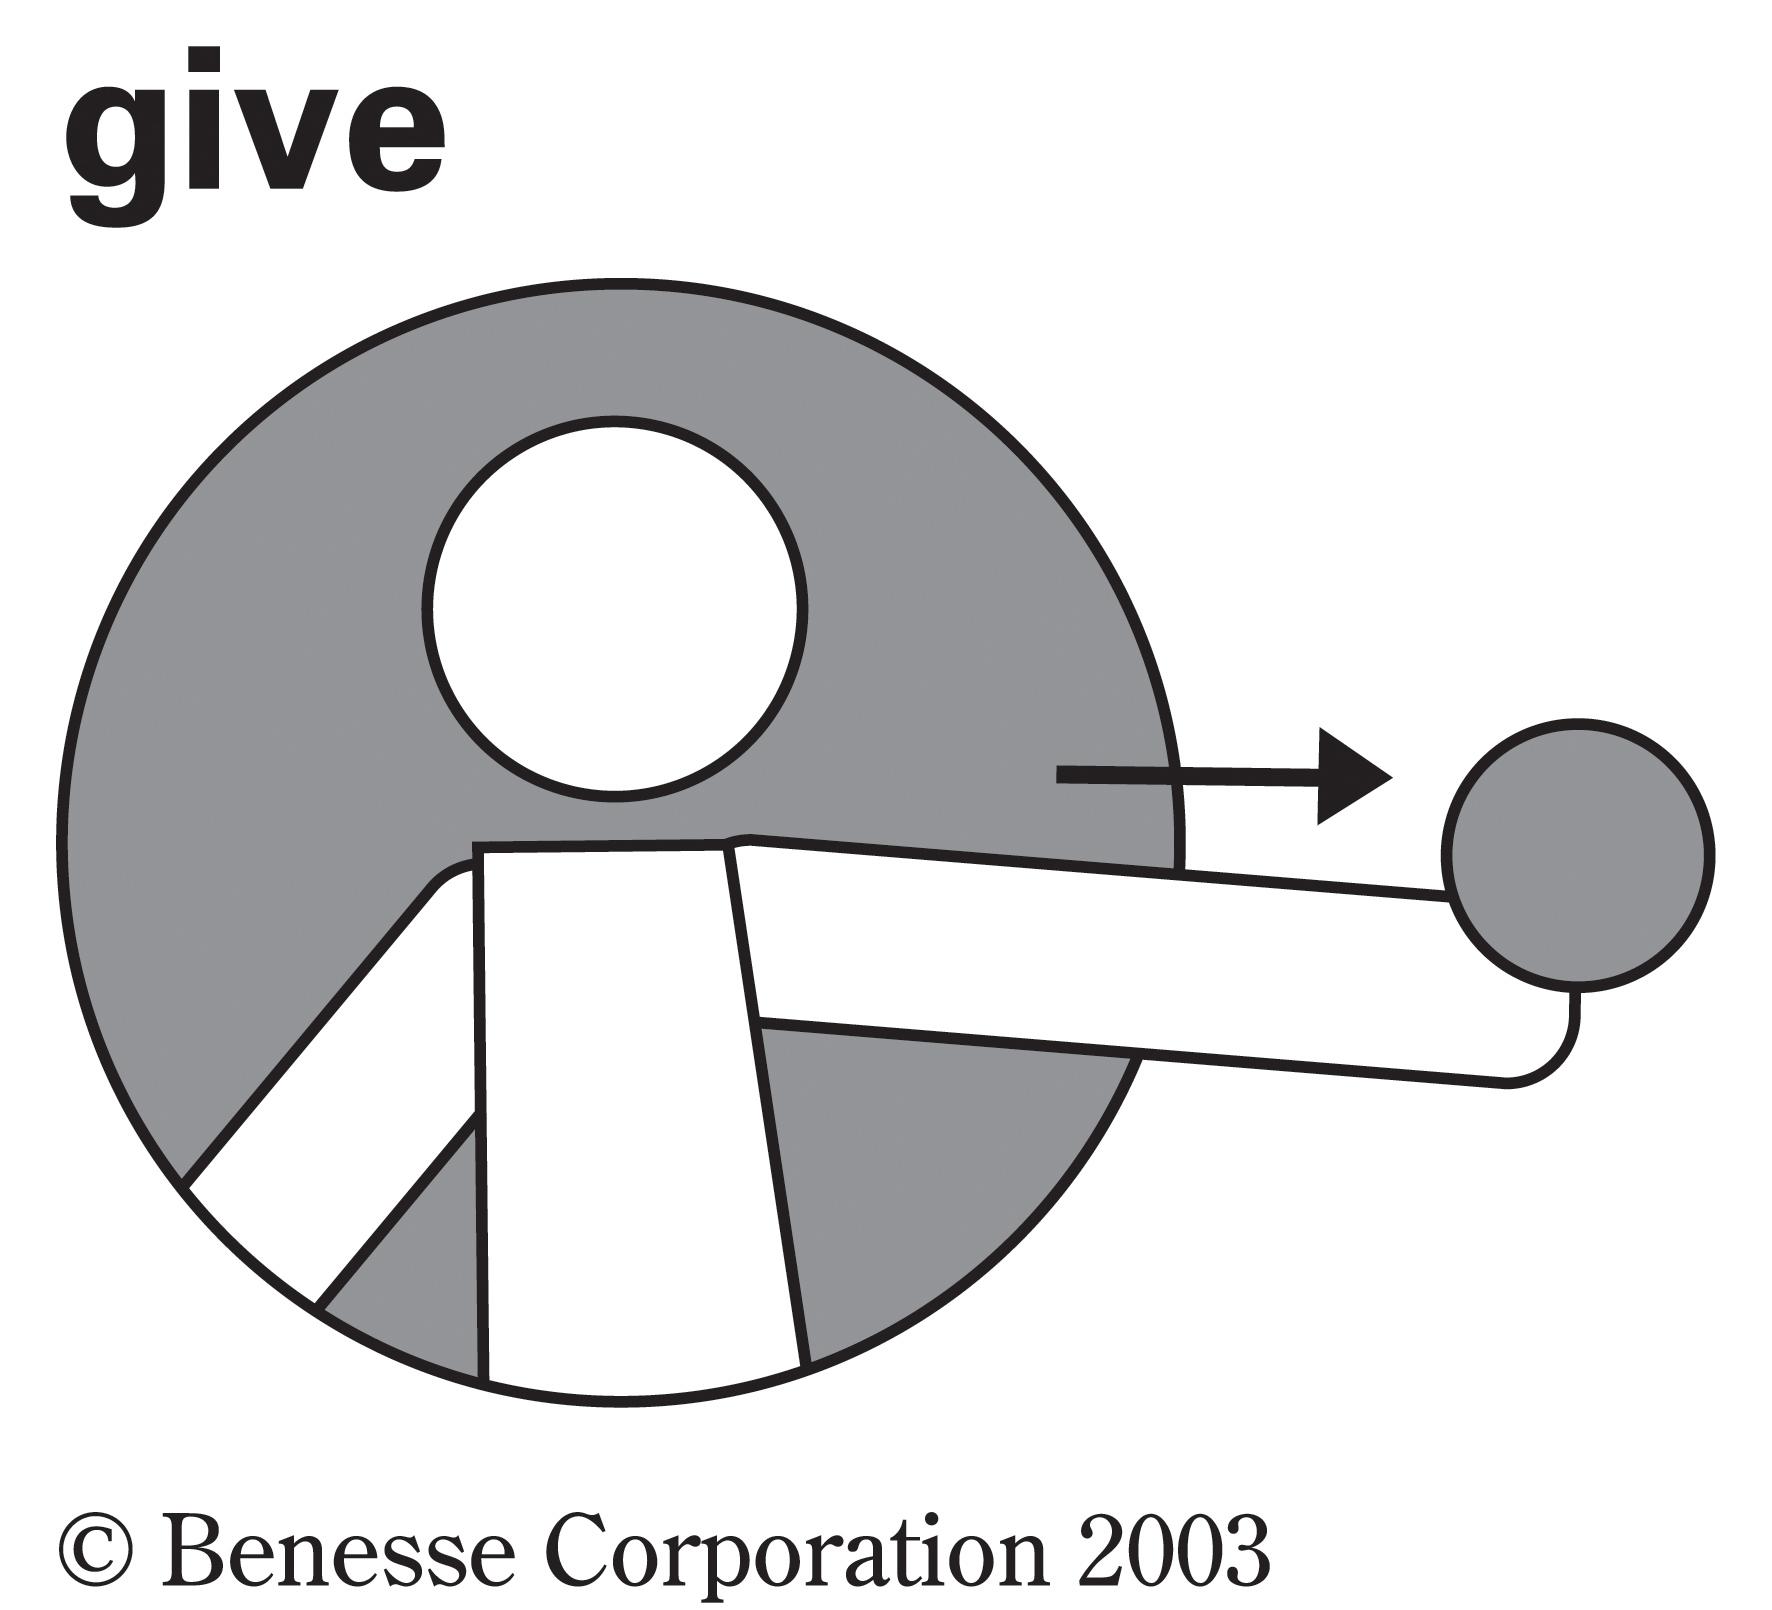 give01.jpg